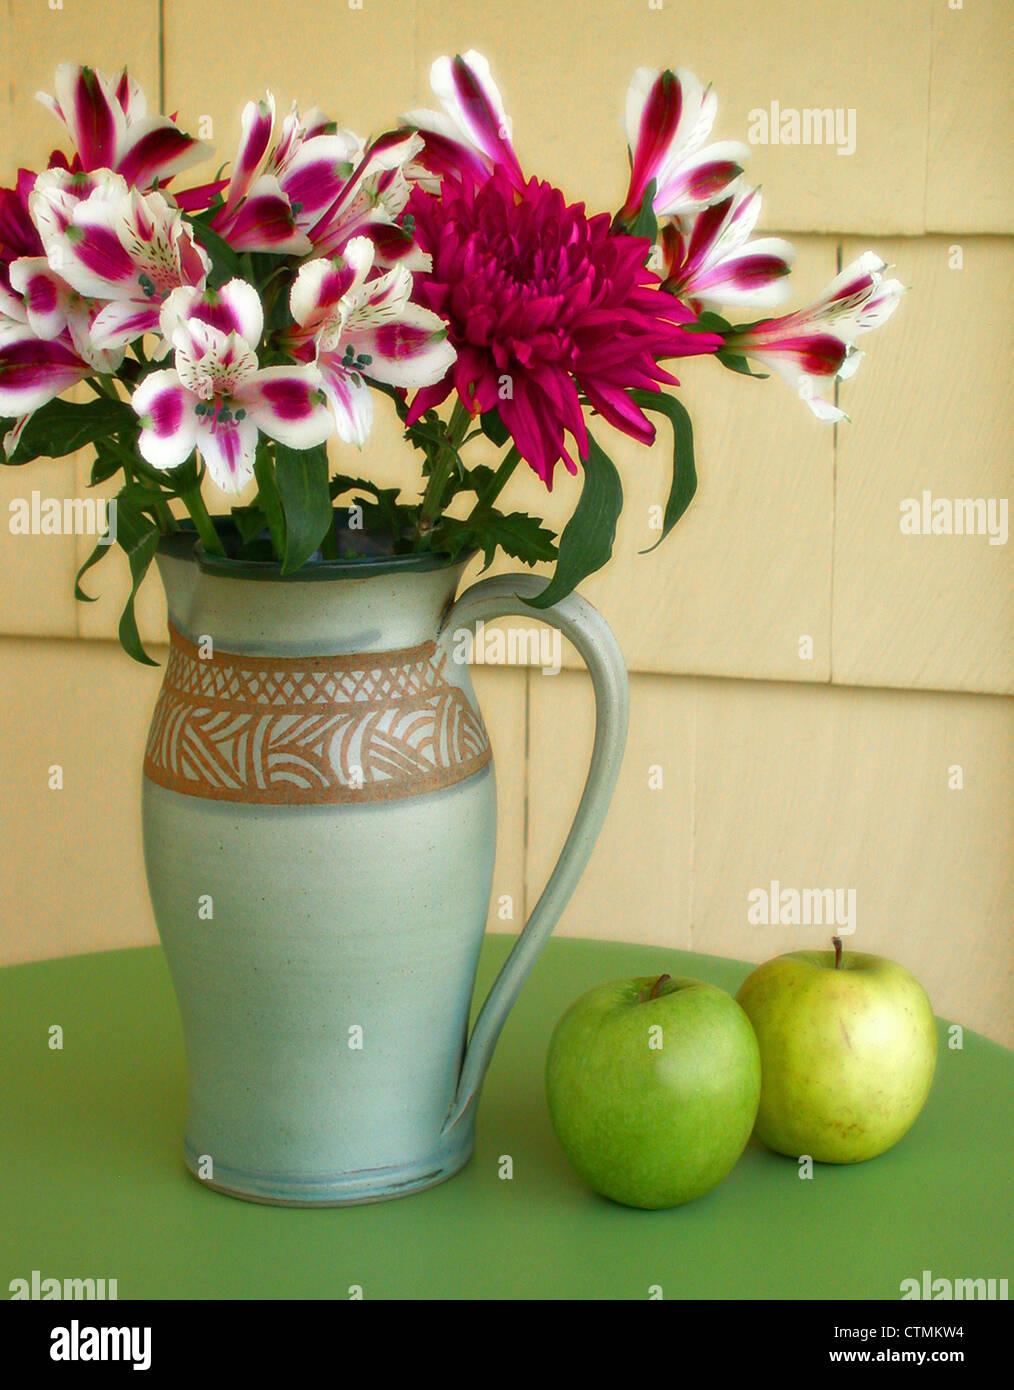 Fleurs rouges et blanches (azalée) dans un vase sur une table à côté de la pomme verte, New York USA Banque D'Images